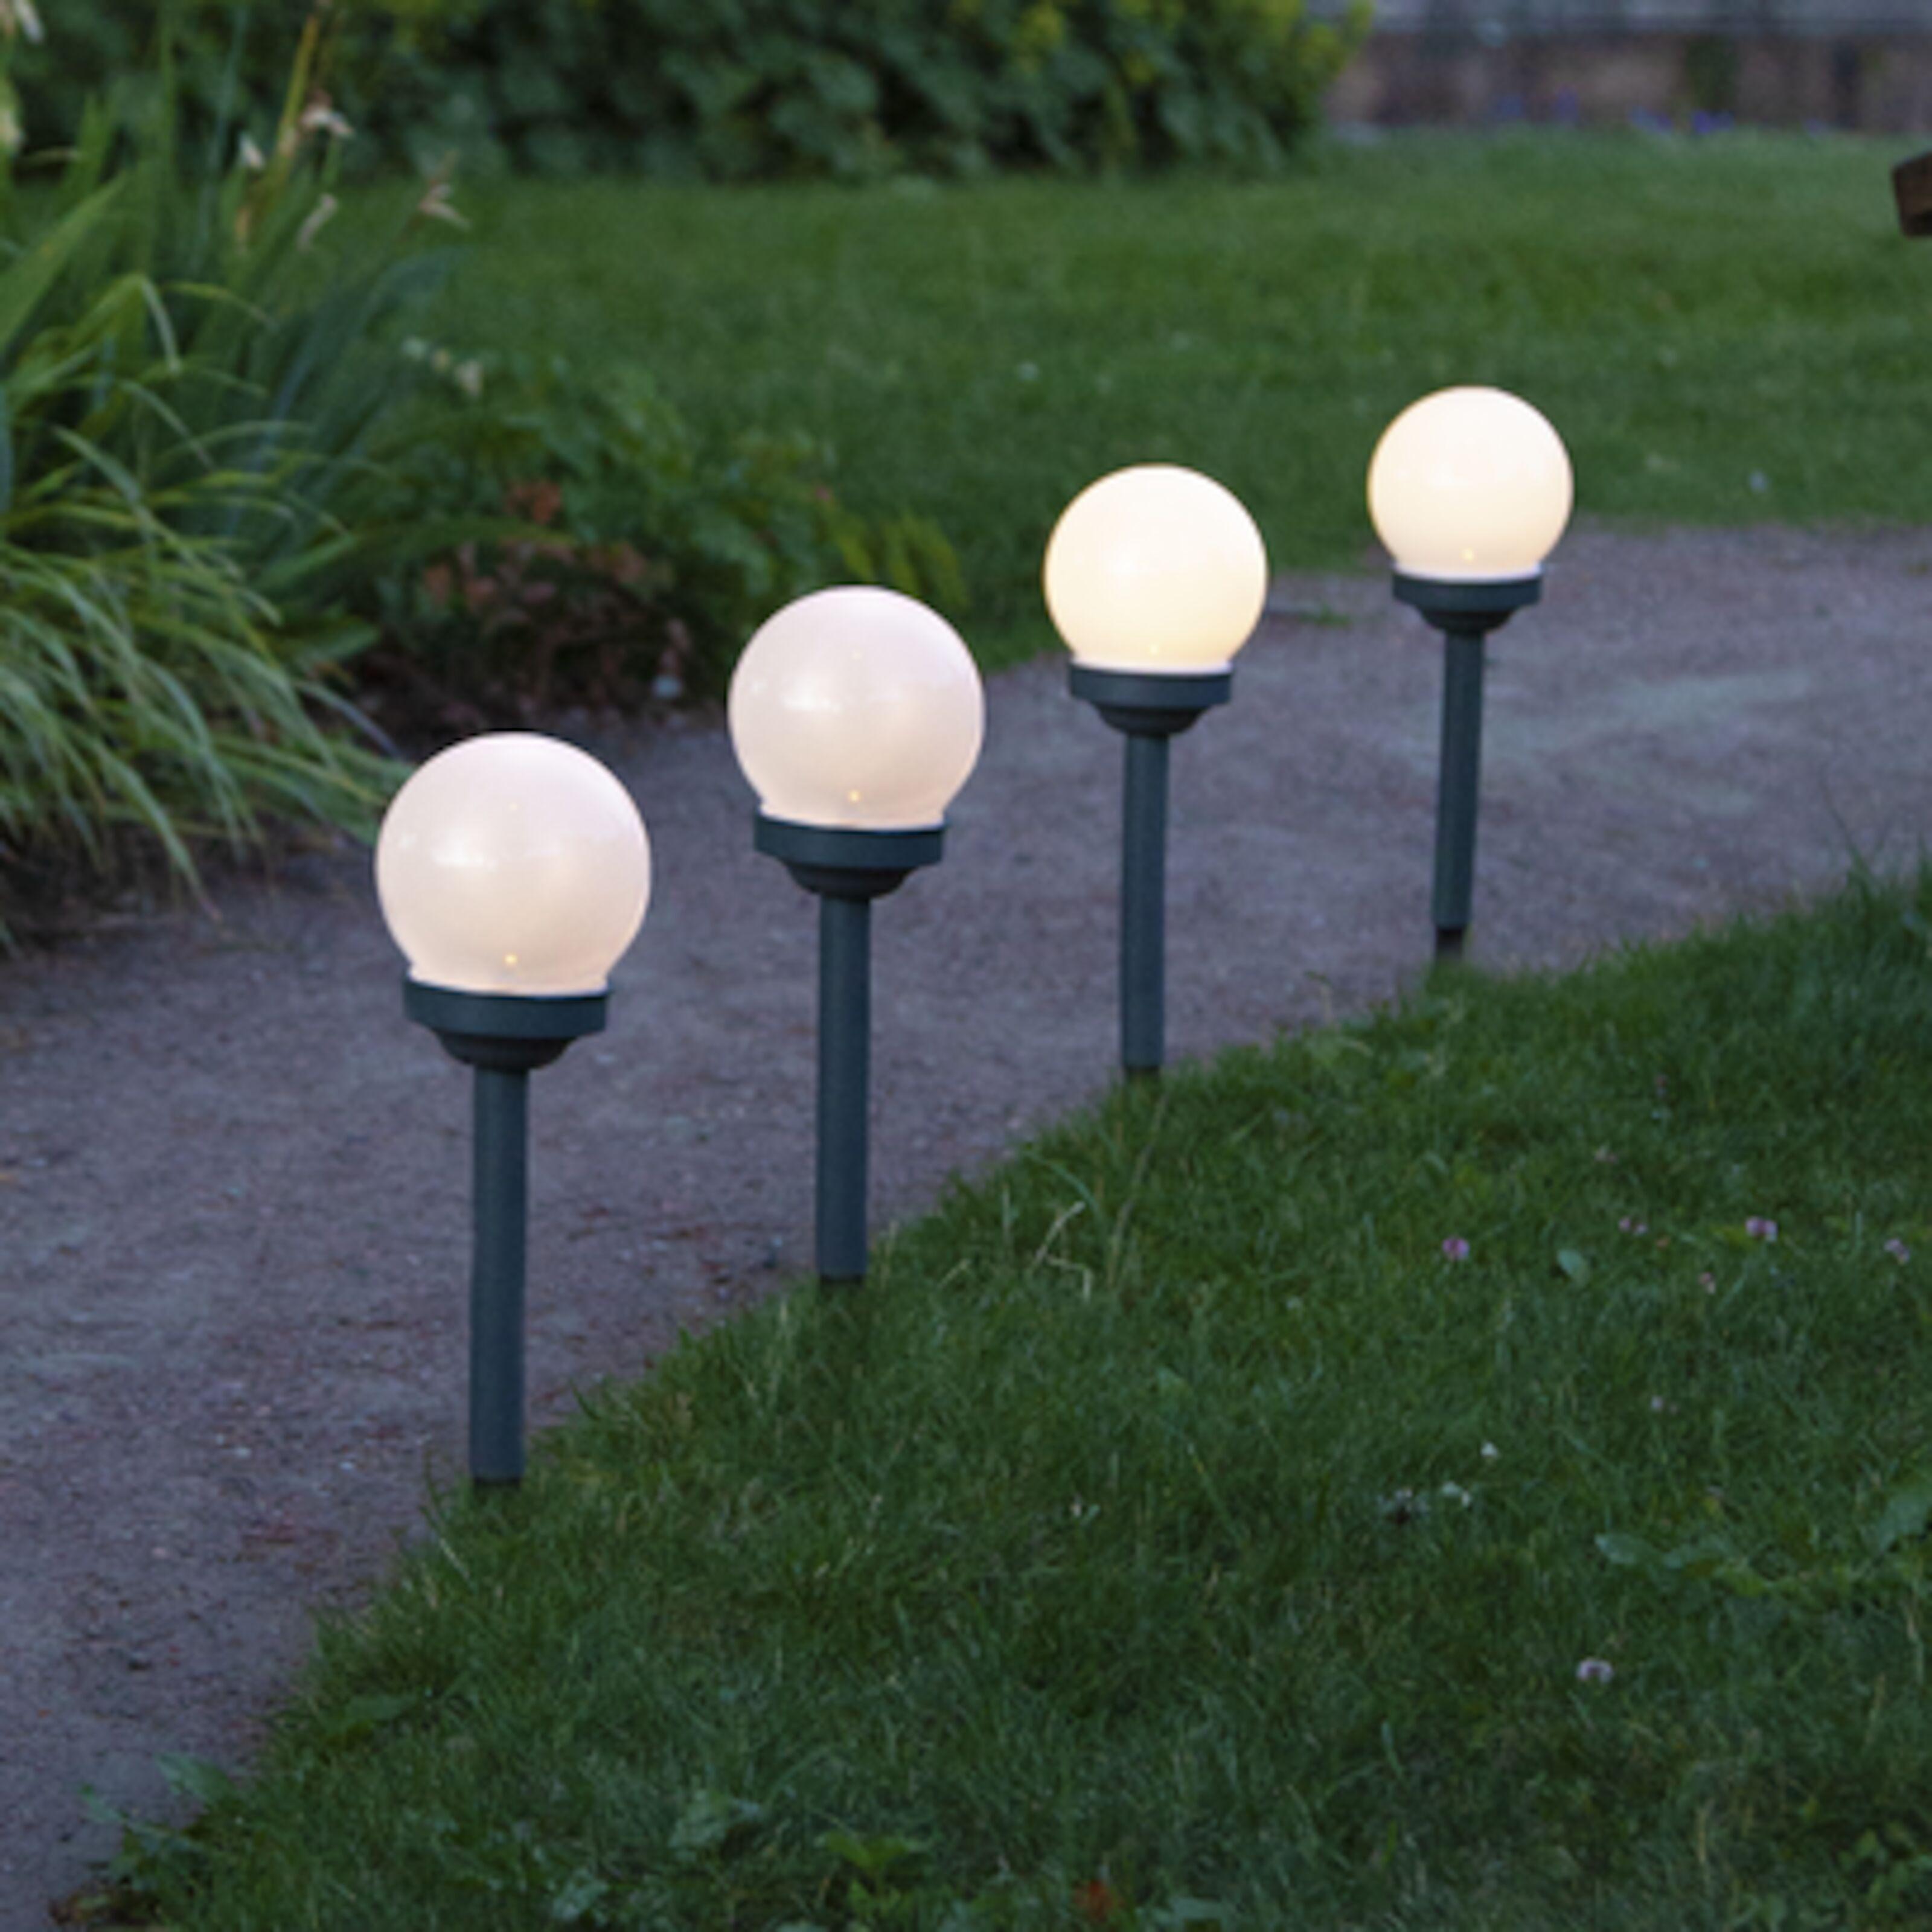 Star Trading Gulvlampe utendørs 184 cm Hagebelysning